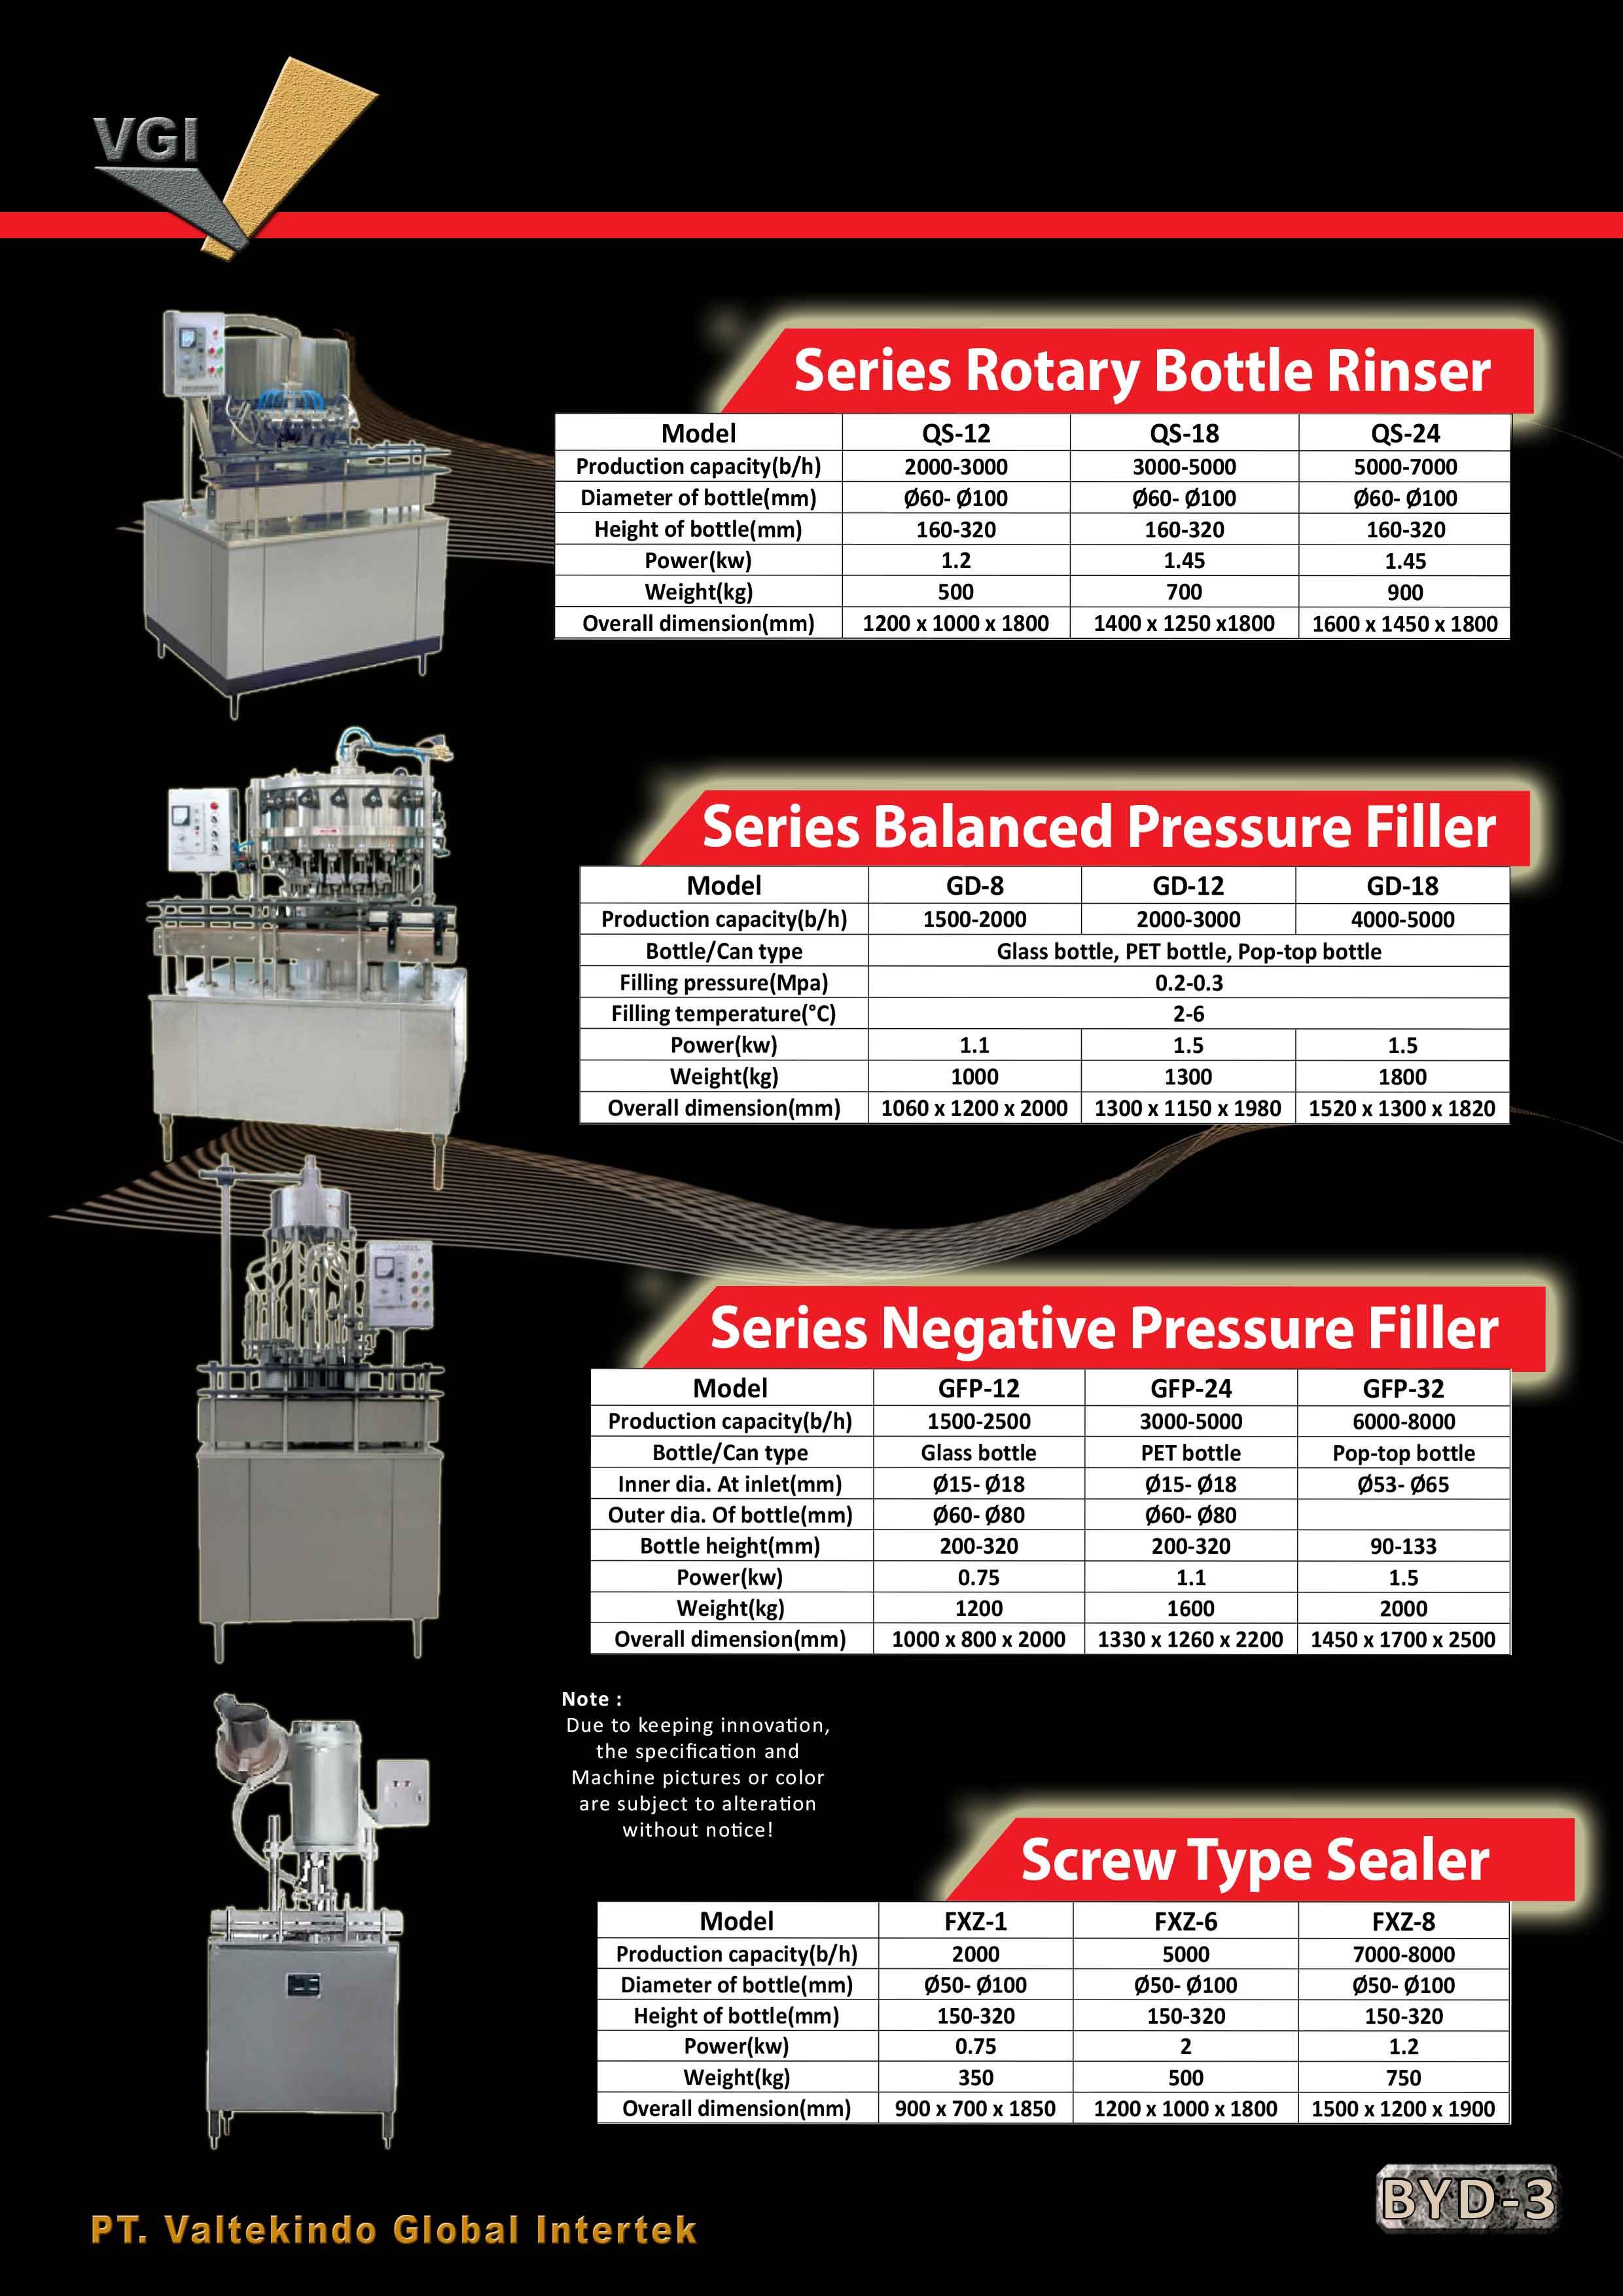 jual mesin, harga mesin, distributor mesin, jual mesin karet, daur ulang plastik Open Type Series 1 Open Type Series 1